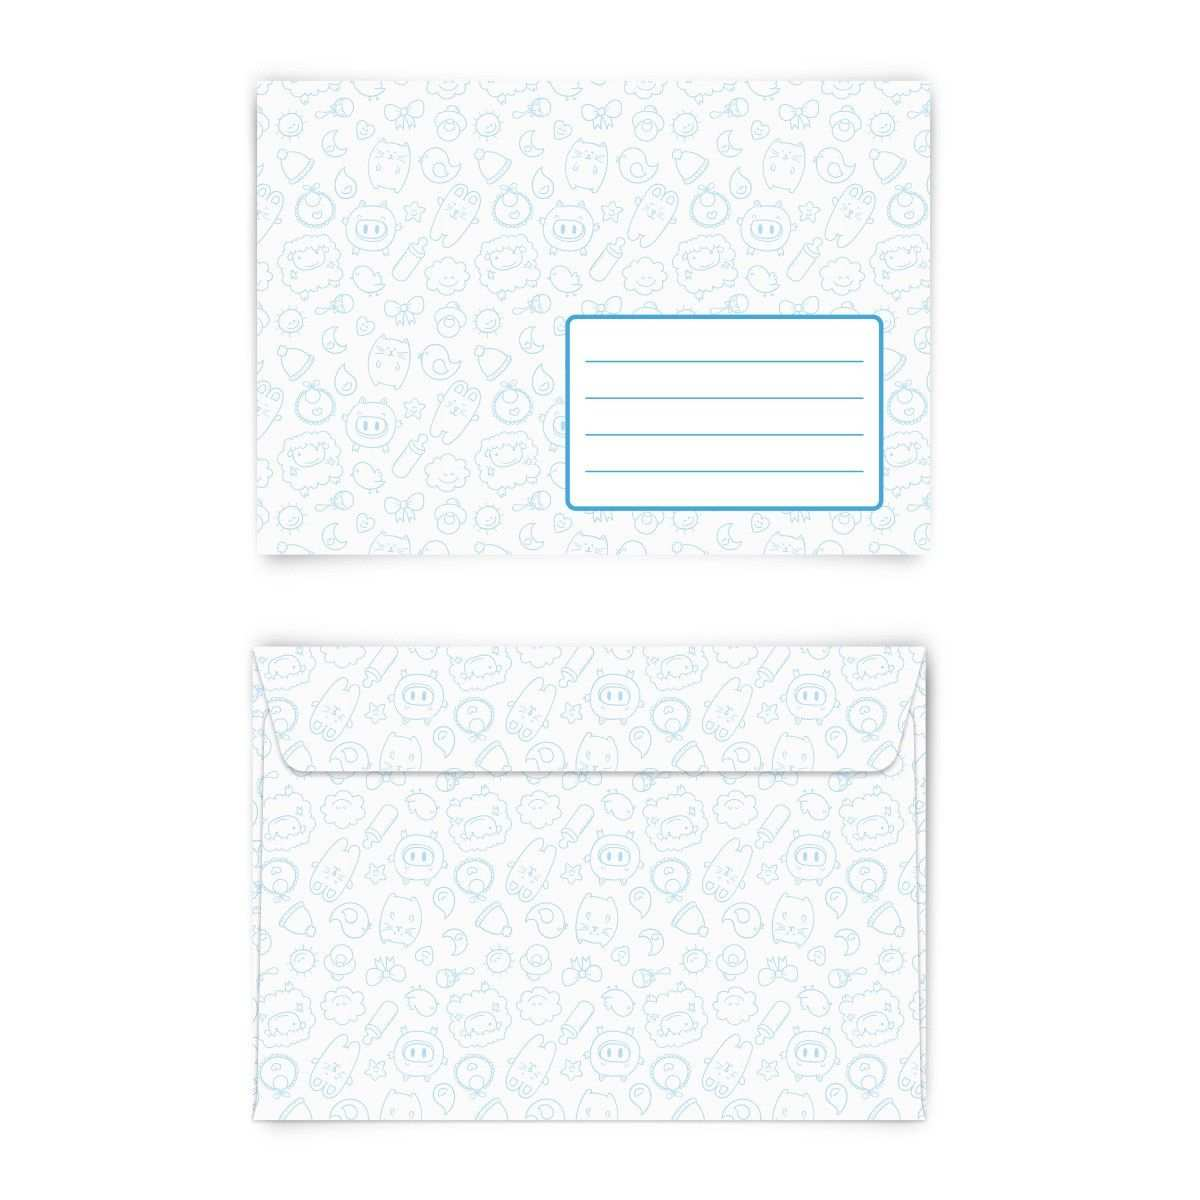 Suss Briefumschlag Din C6 Quer Briefumschlag Kreativ Papeterie Kinderparty Einladung Briefumschlag Umschlag Brief